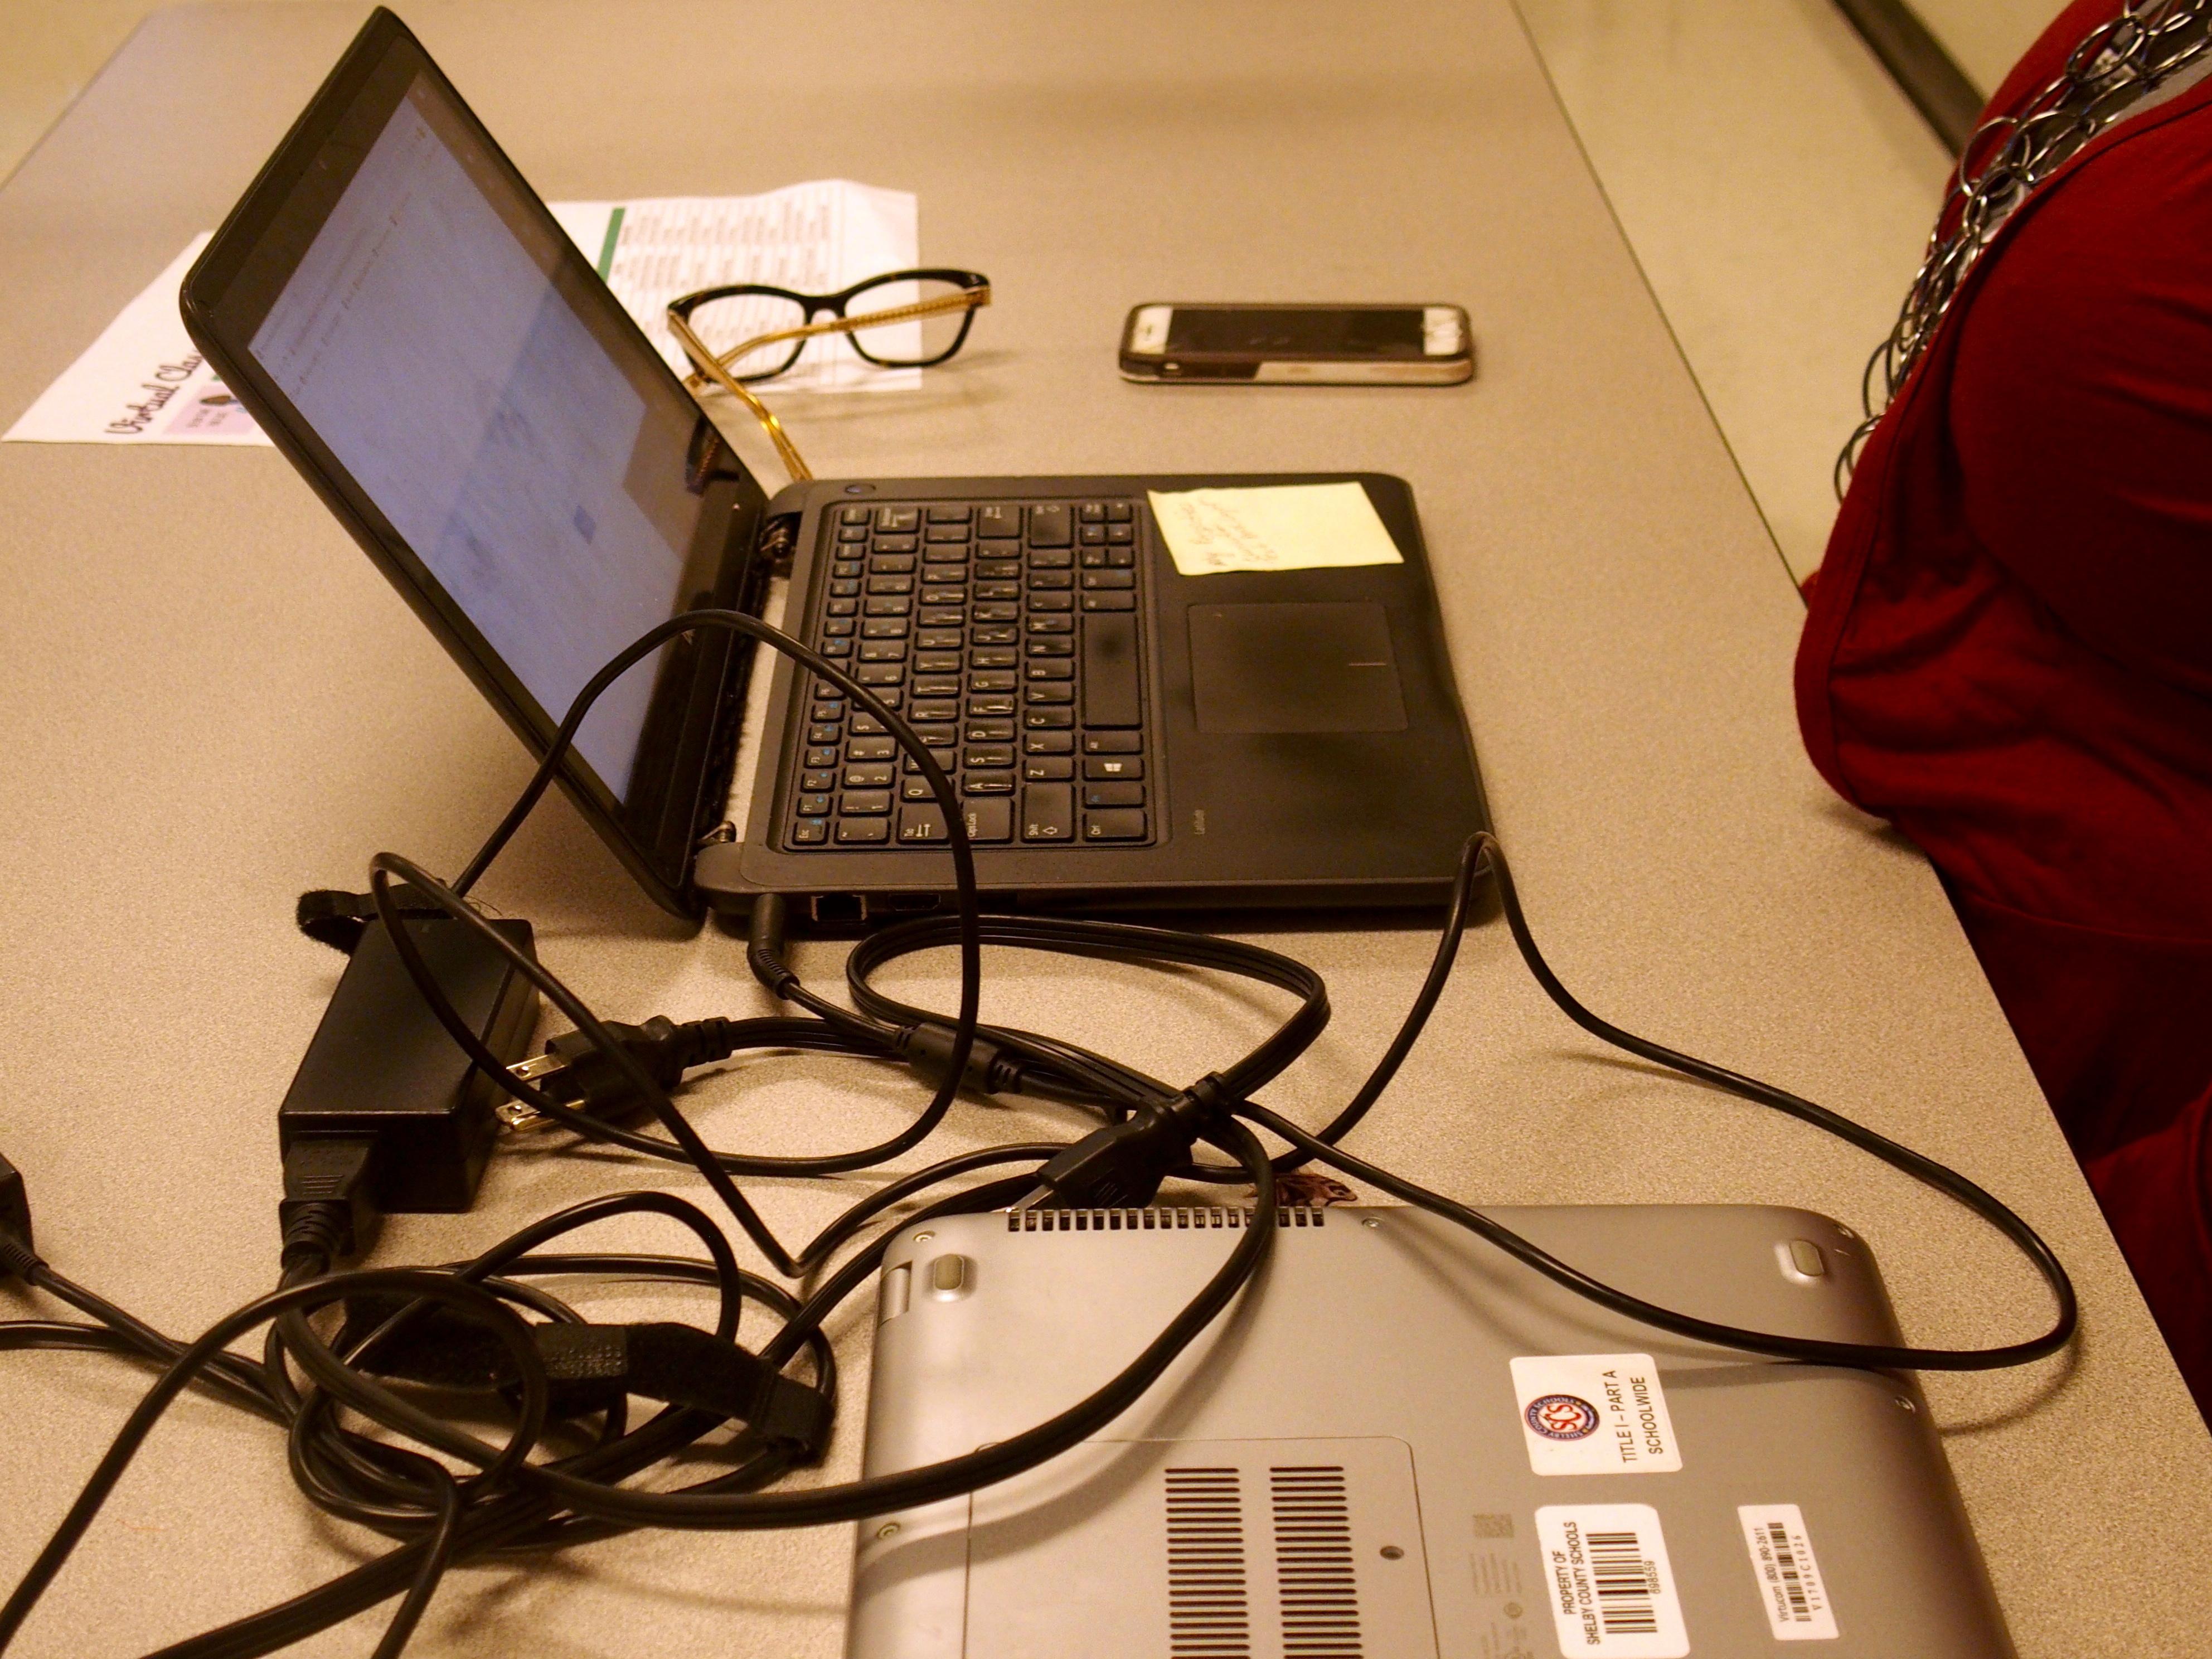 A teacher's computer on a desk